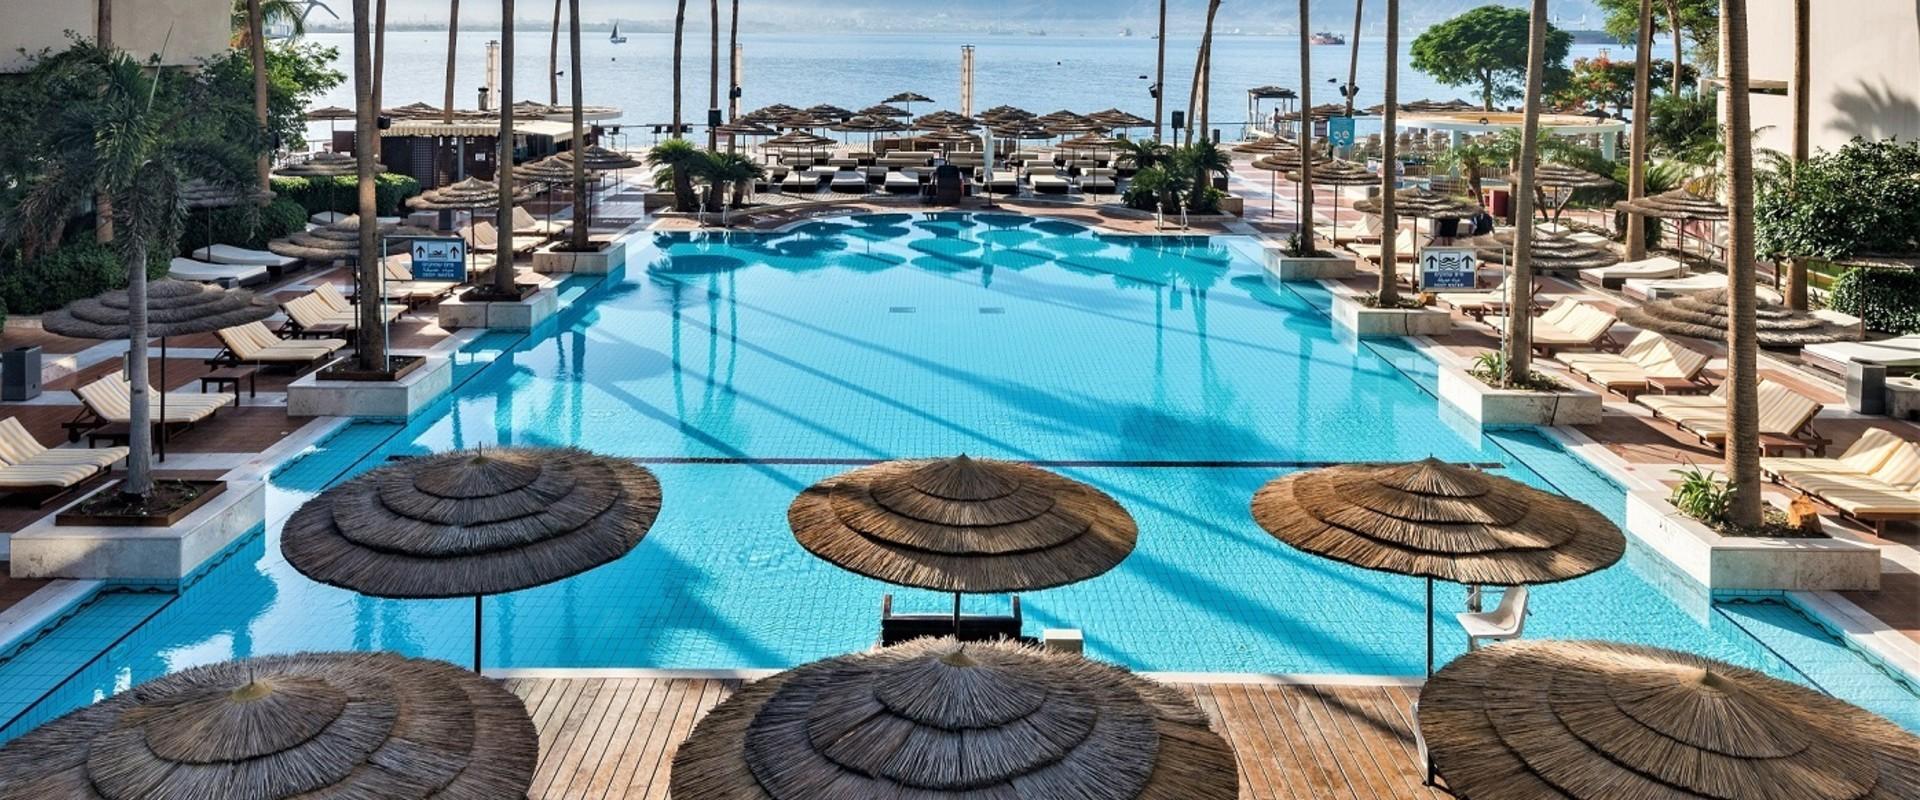 מלון (צילום: באדיבות אסטרל)